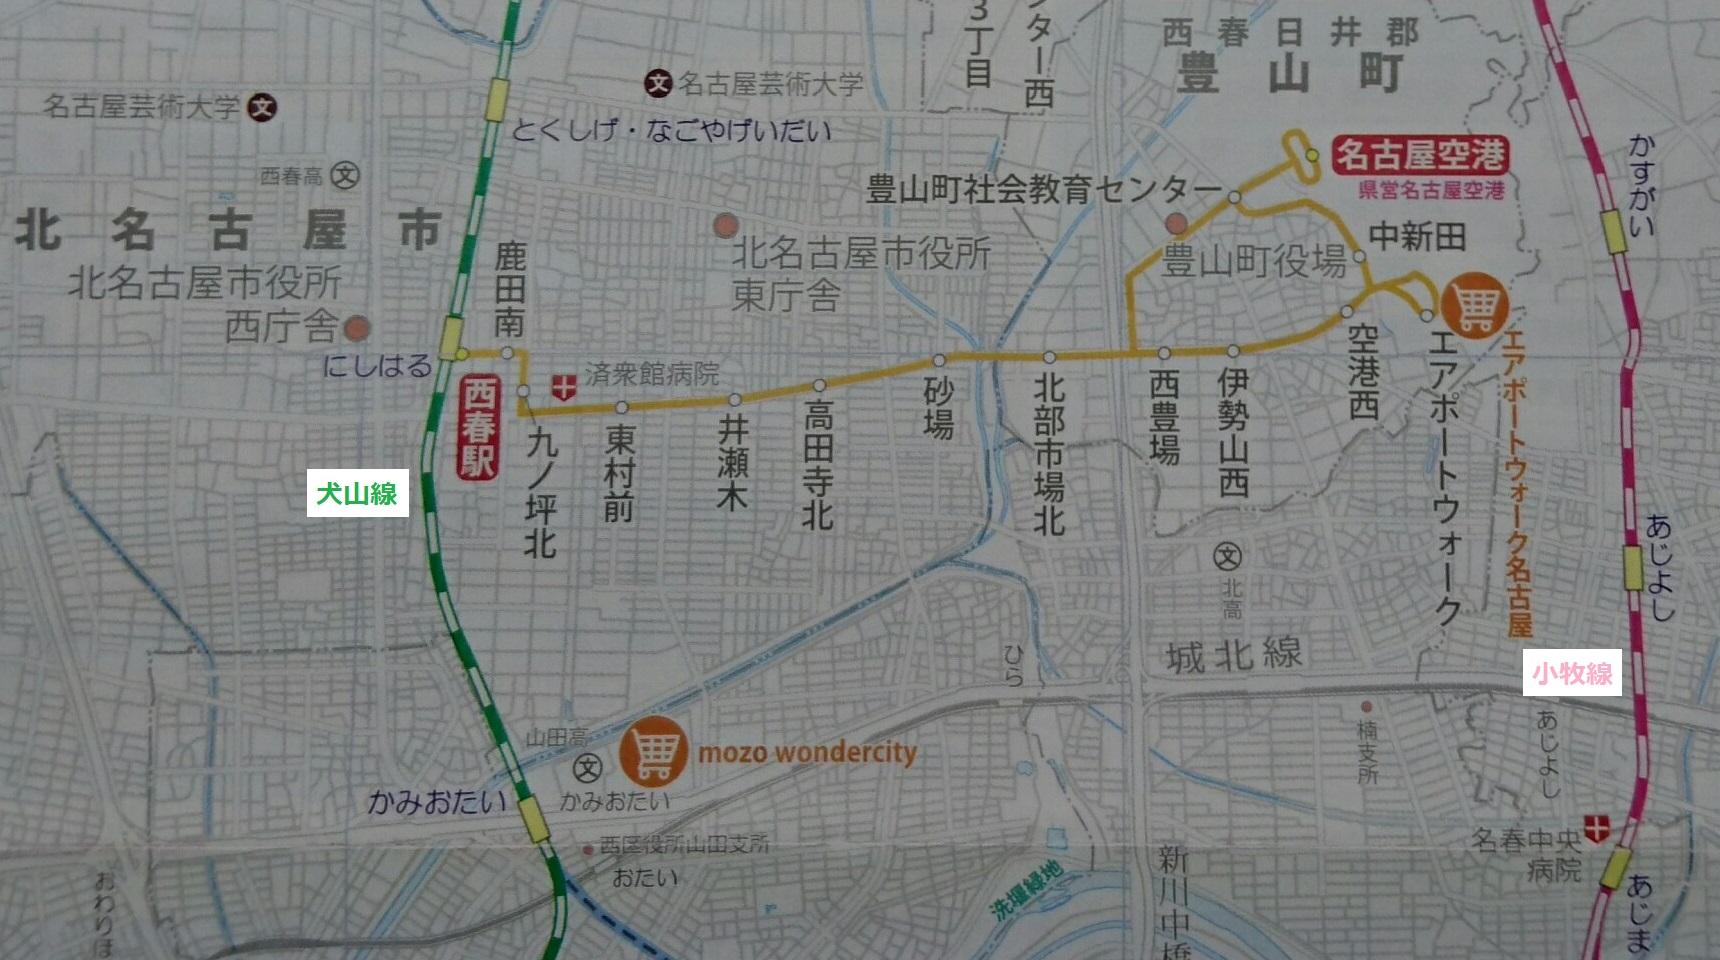 名鉄バス路線図 - 西春駅-名古屋空港 1720-960